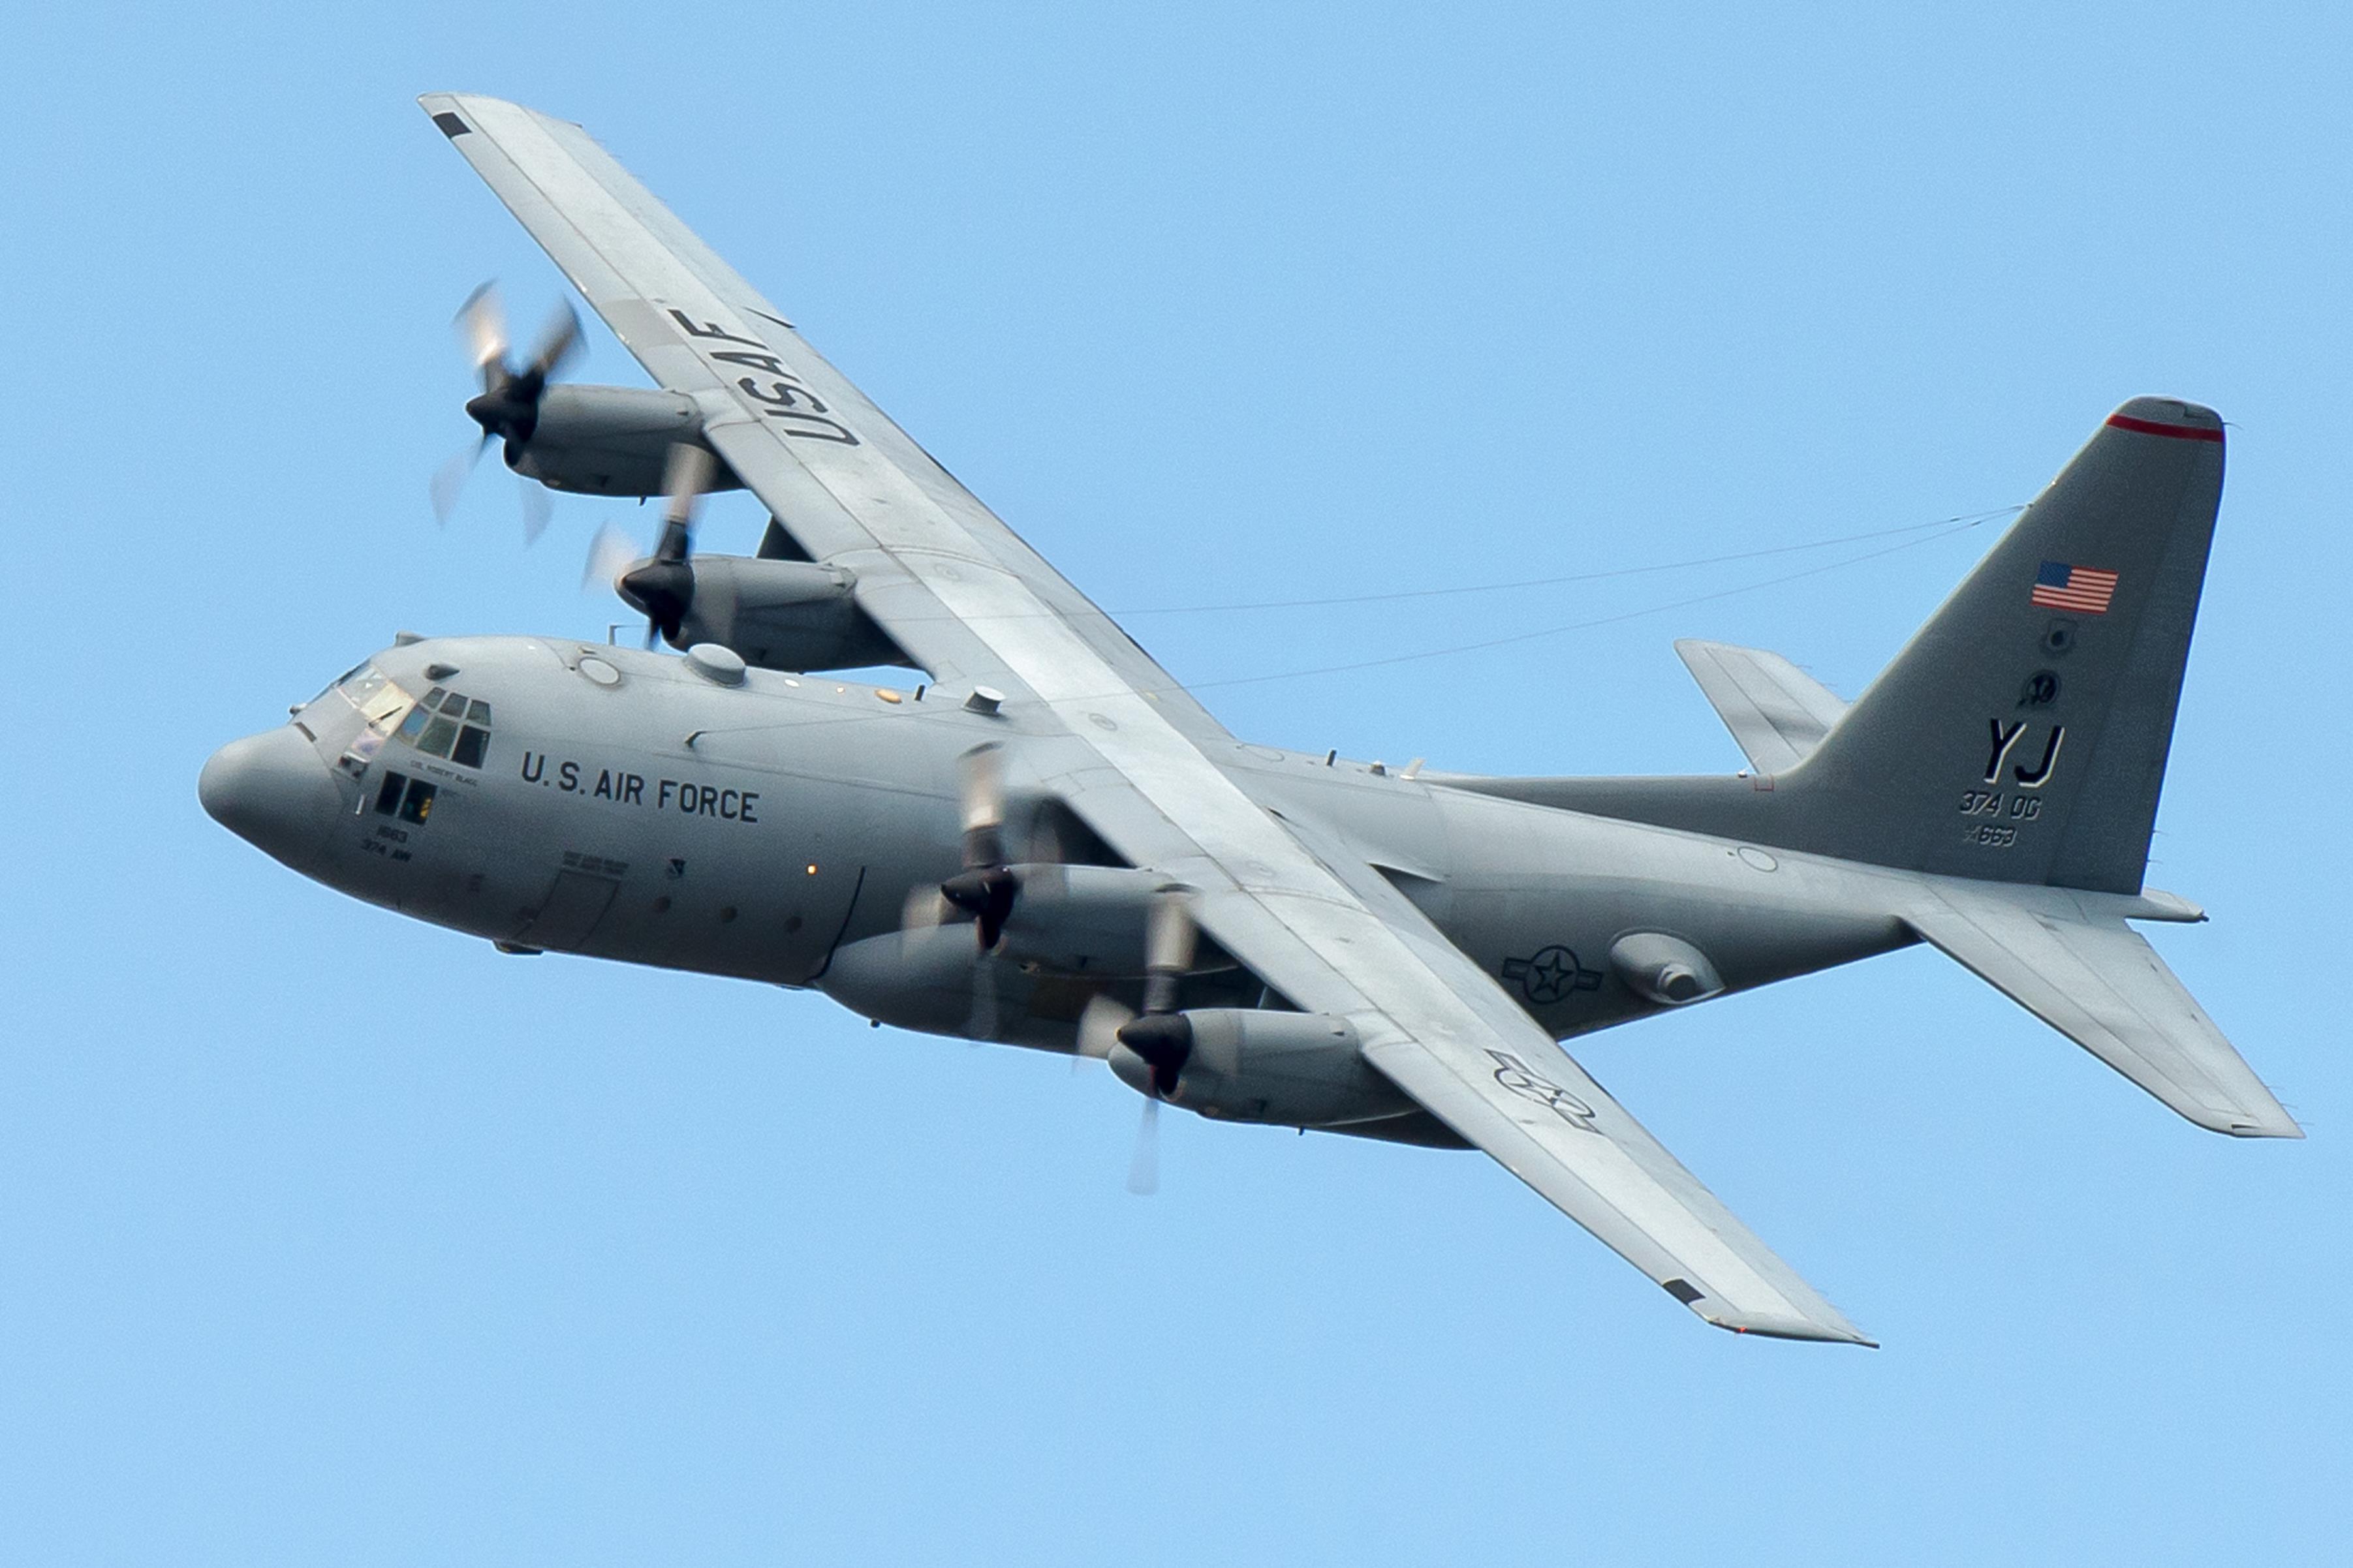 Bildresultat för us air force kc-130